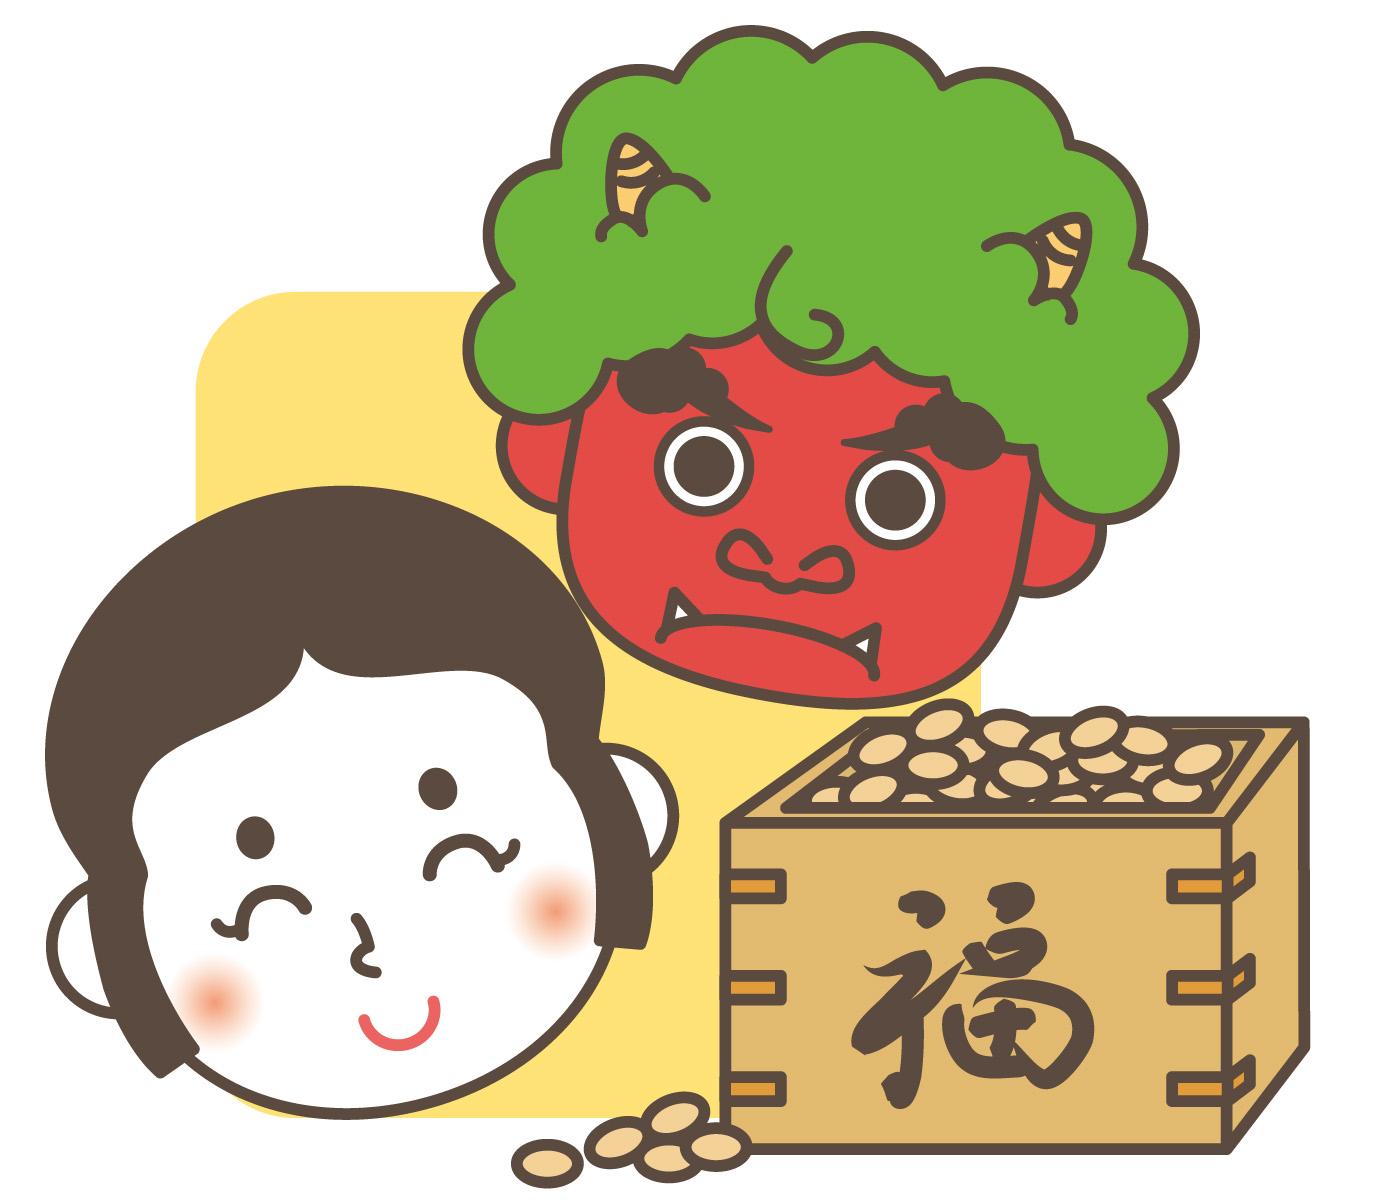 節分祭で京都に行くなら吉田神社や壬生寺がおすすめ!四方参りとは?